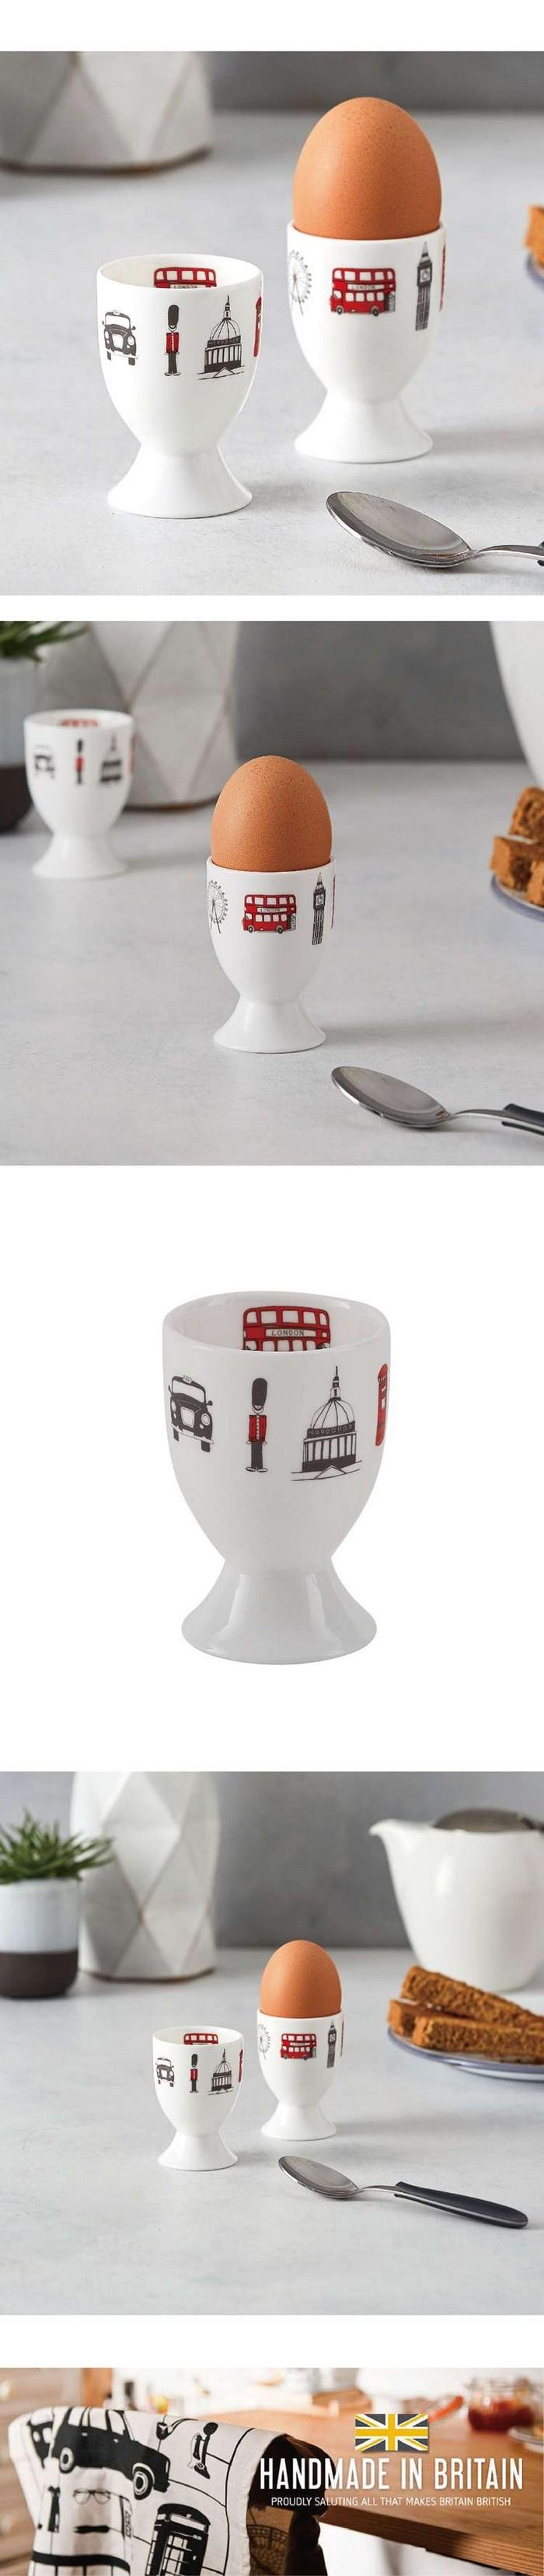 英國蛋 | 水煮蛋杯 倫敦天際線